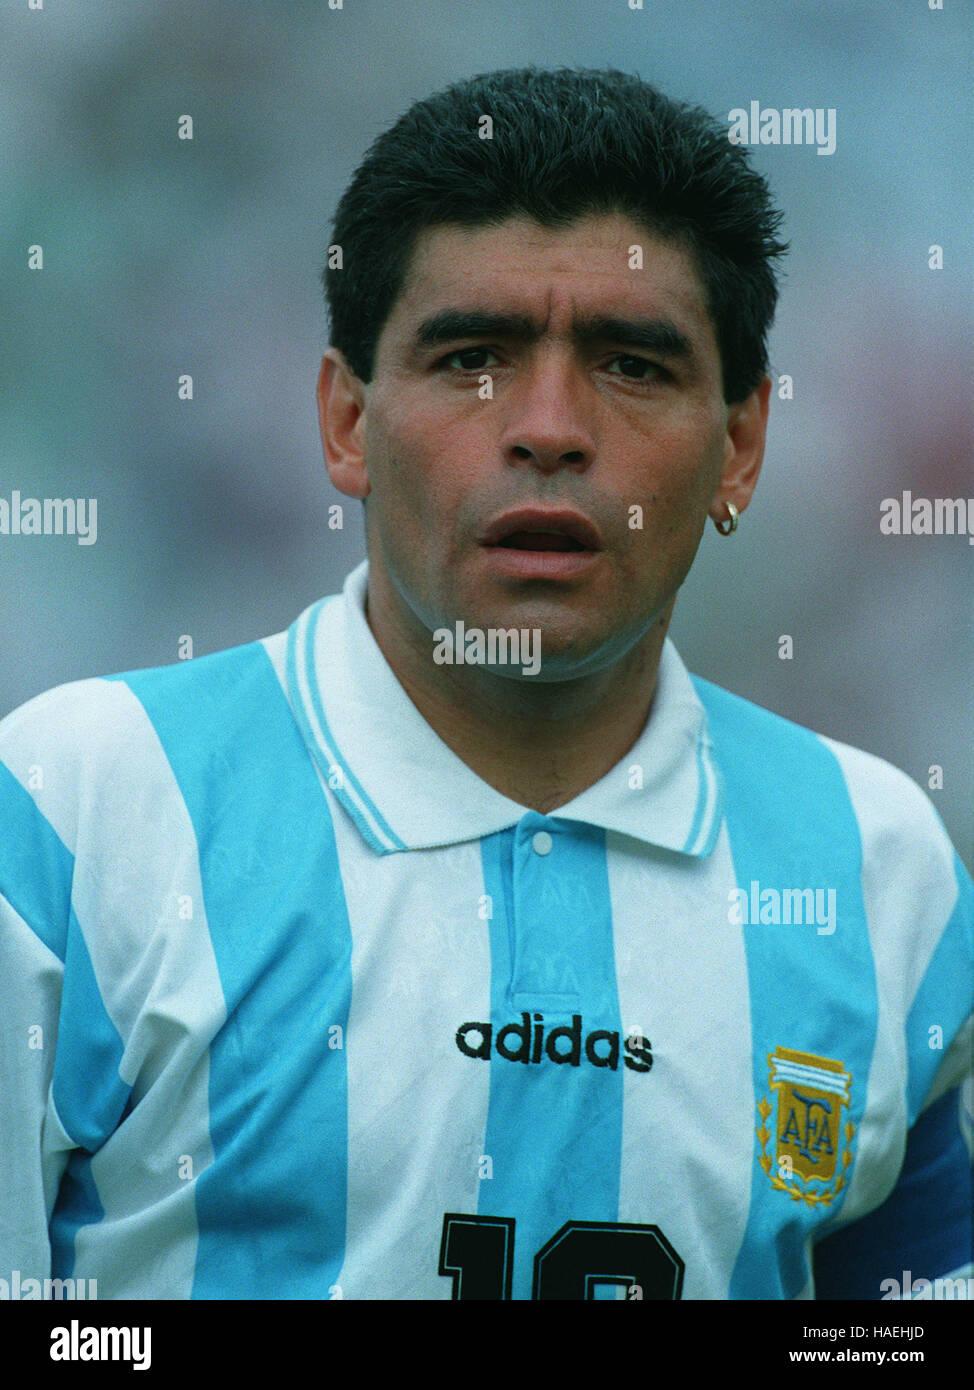 DIEGO MARADONA ARGENTINA 02 July 1994 Stock Royalty Free